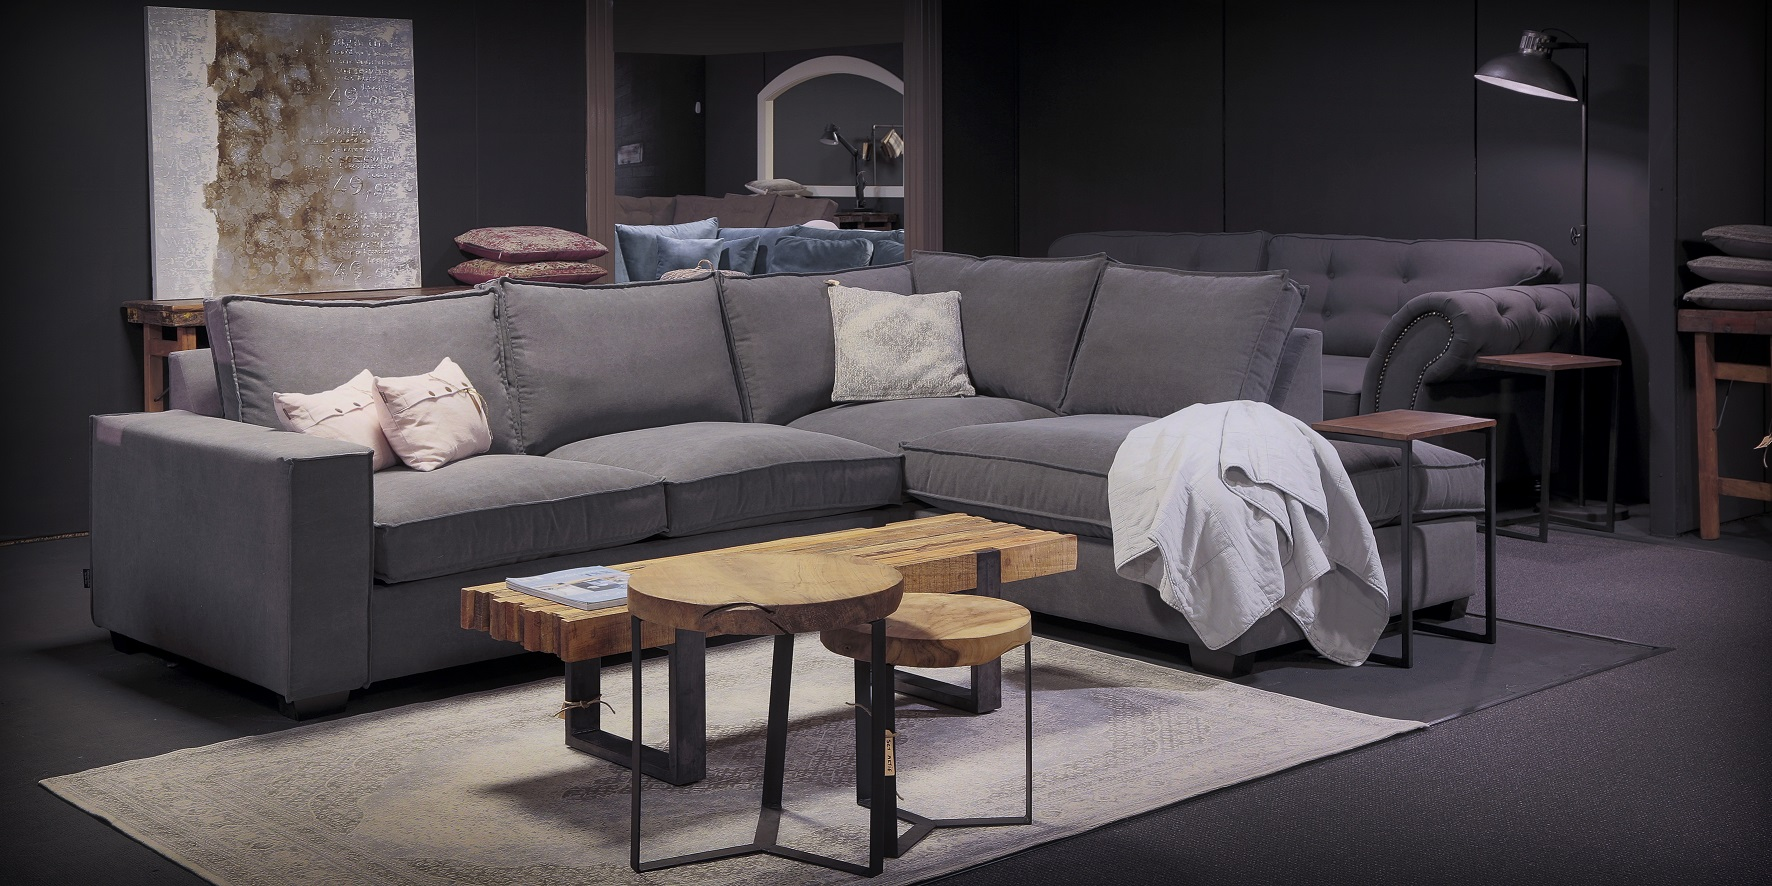 Landelijk woonkamer showroom. Verschoor is een van de meubelzaken bij Rotterdam met een showroom.